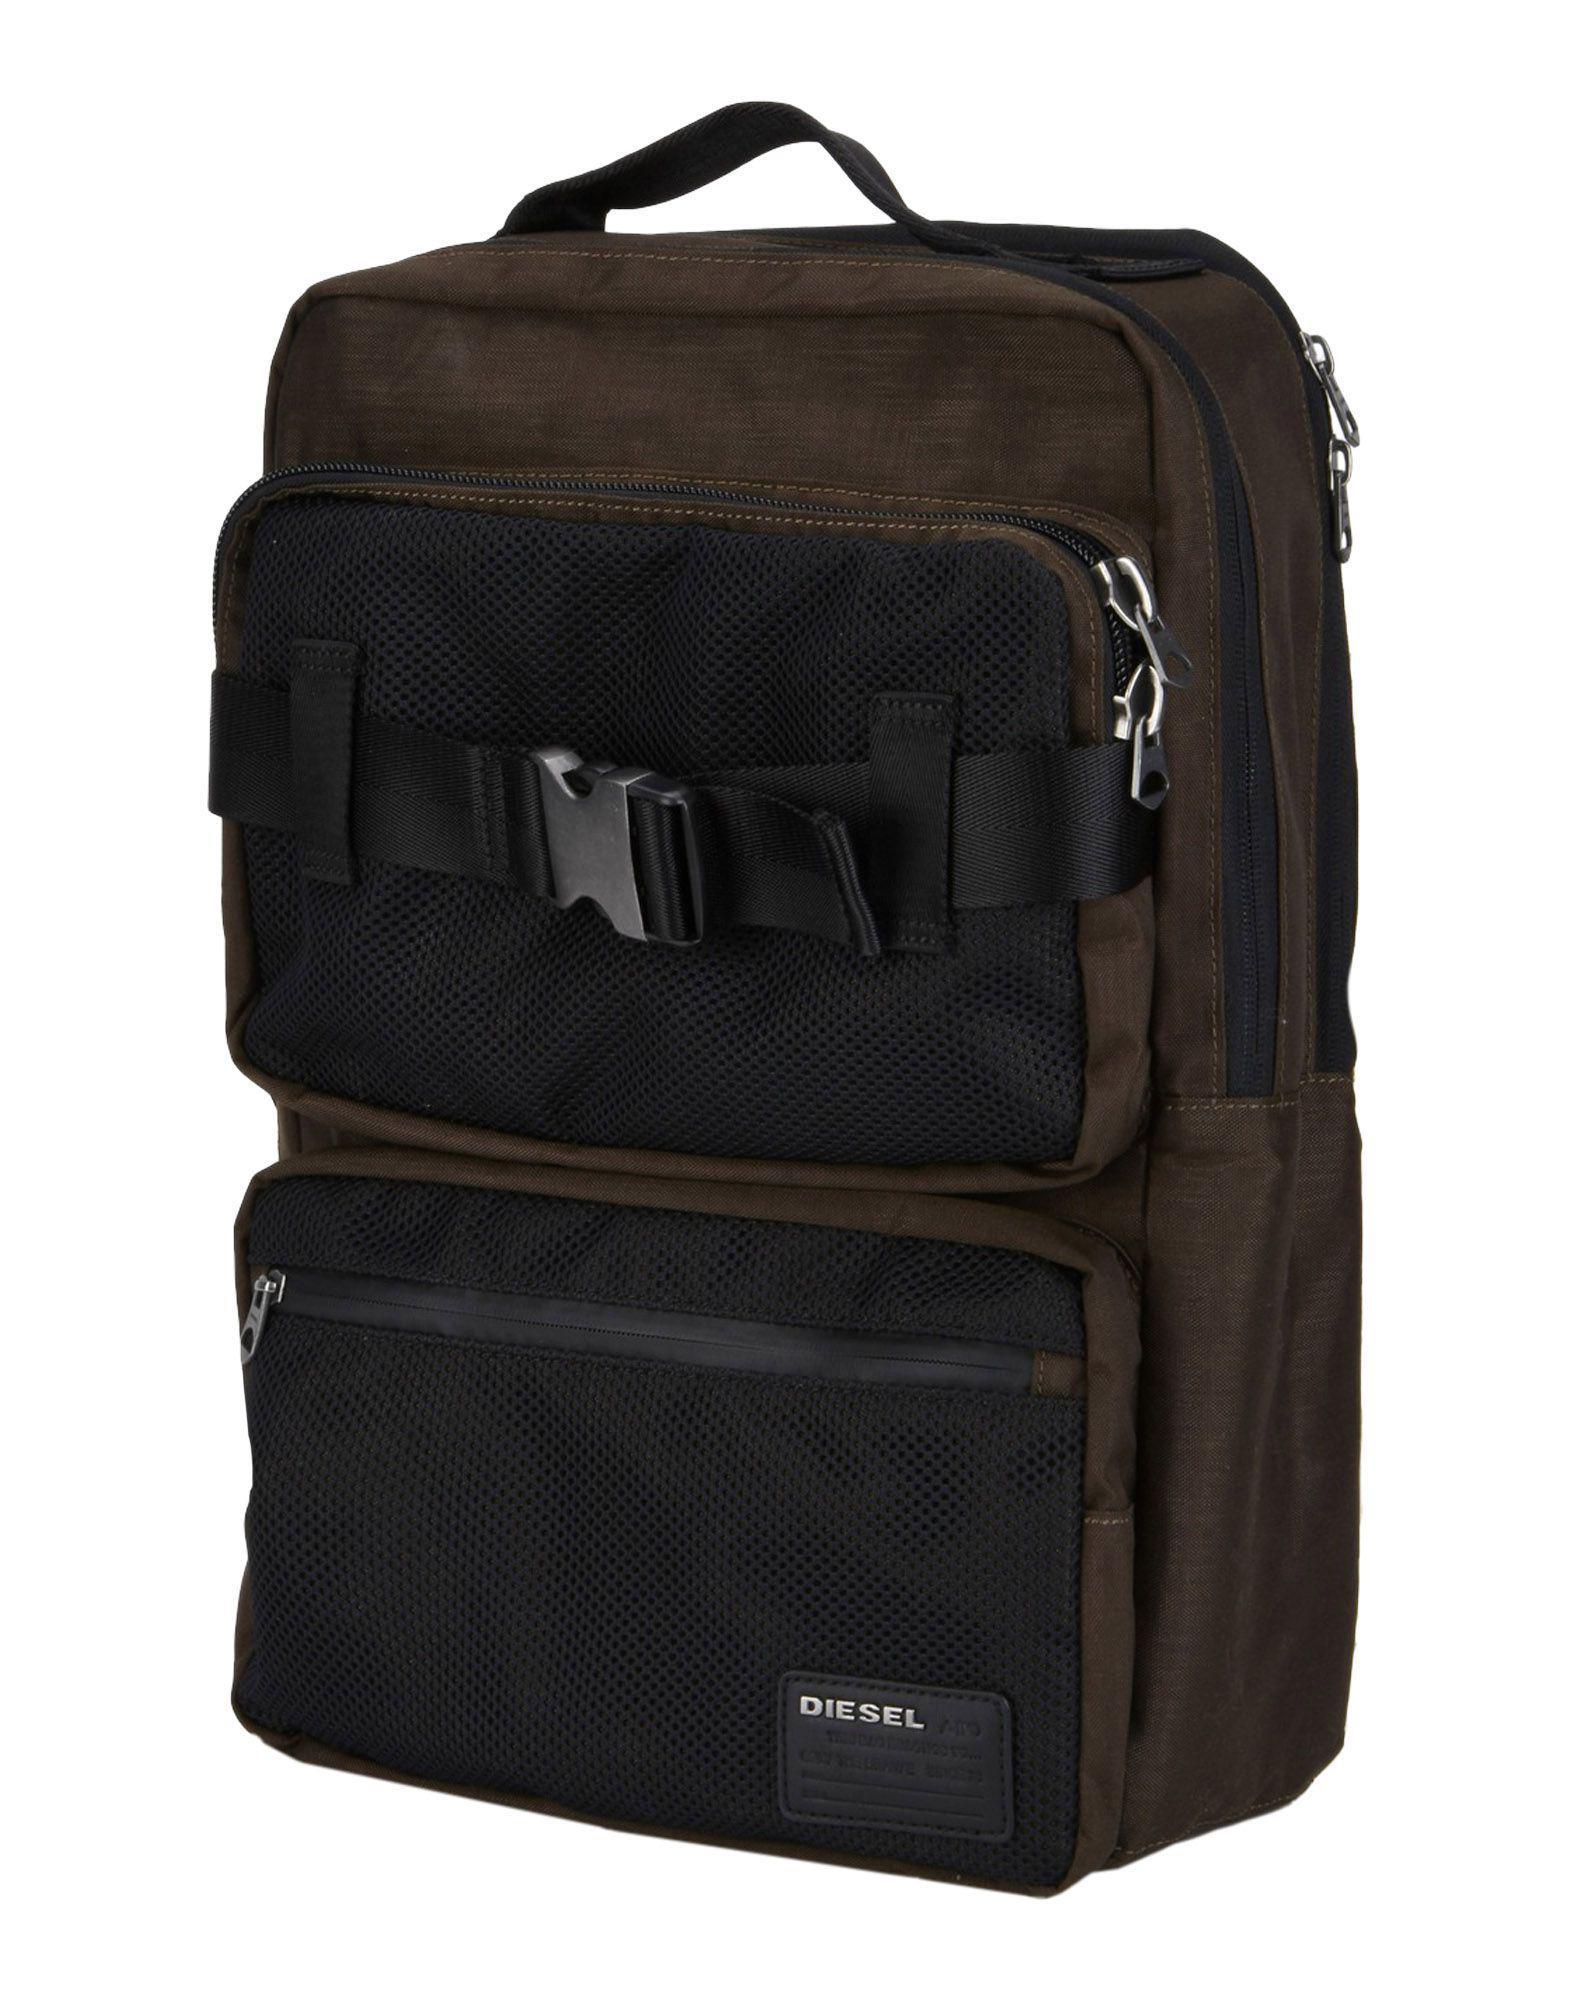 BAGS - Backpacks & Bum bags Diesel g813r